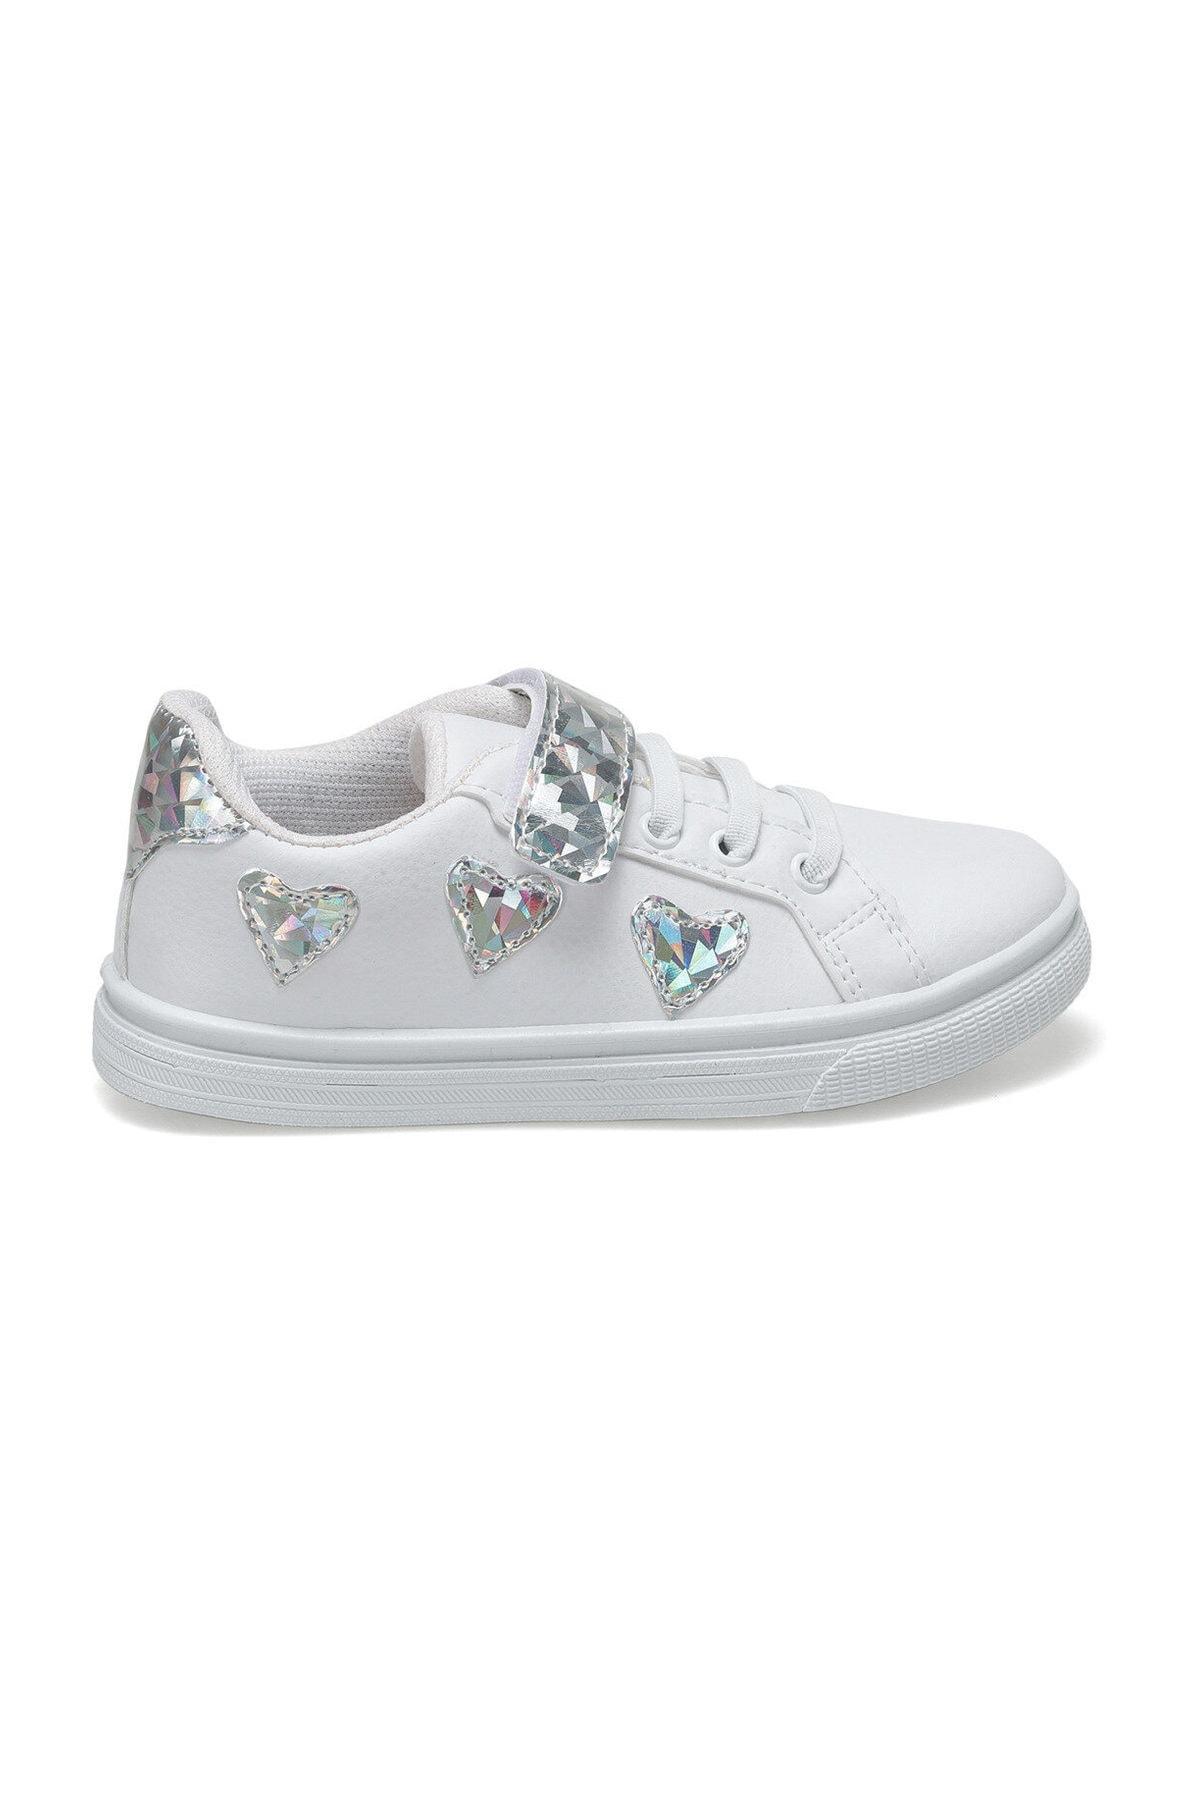 SEVENTEEN TRENDI Beyaz Kız Çocuk Sneaker Ayakkabı 100515651 2